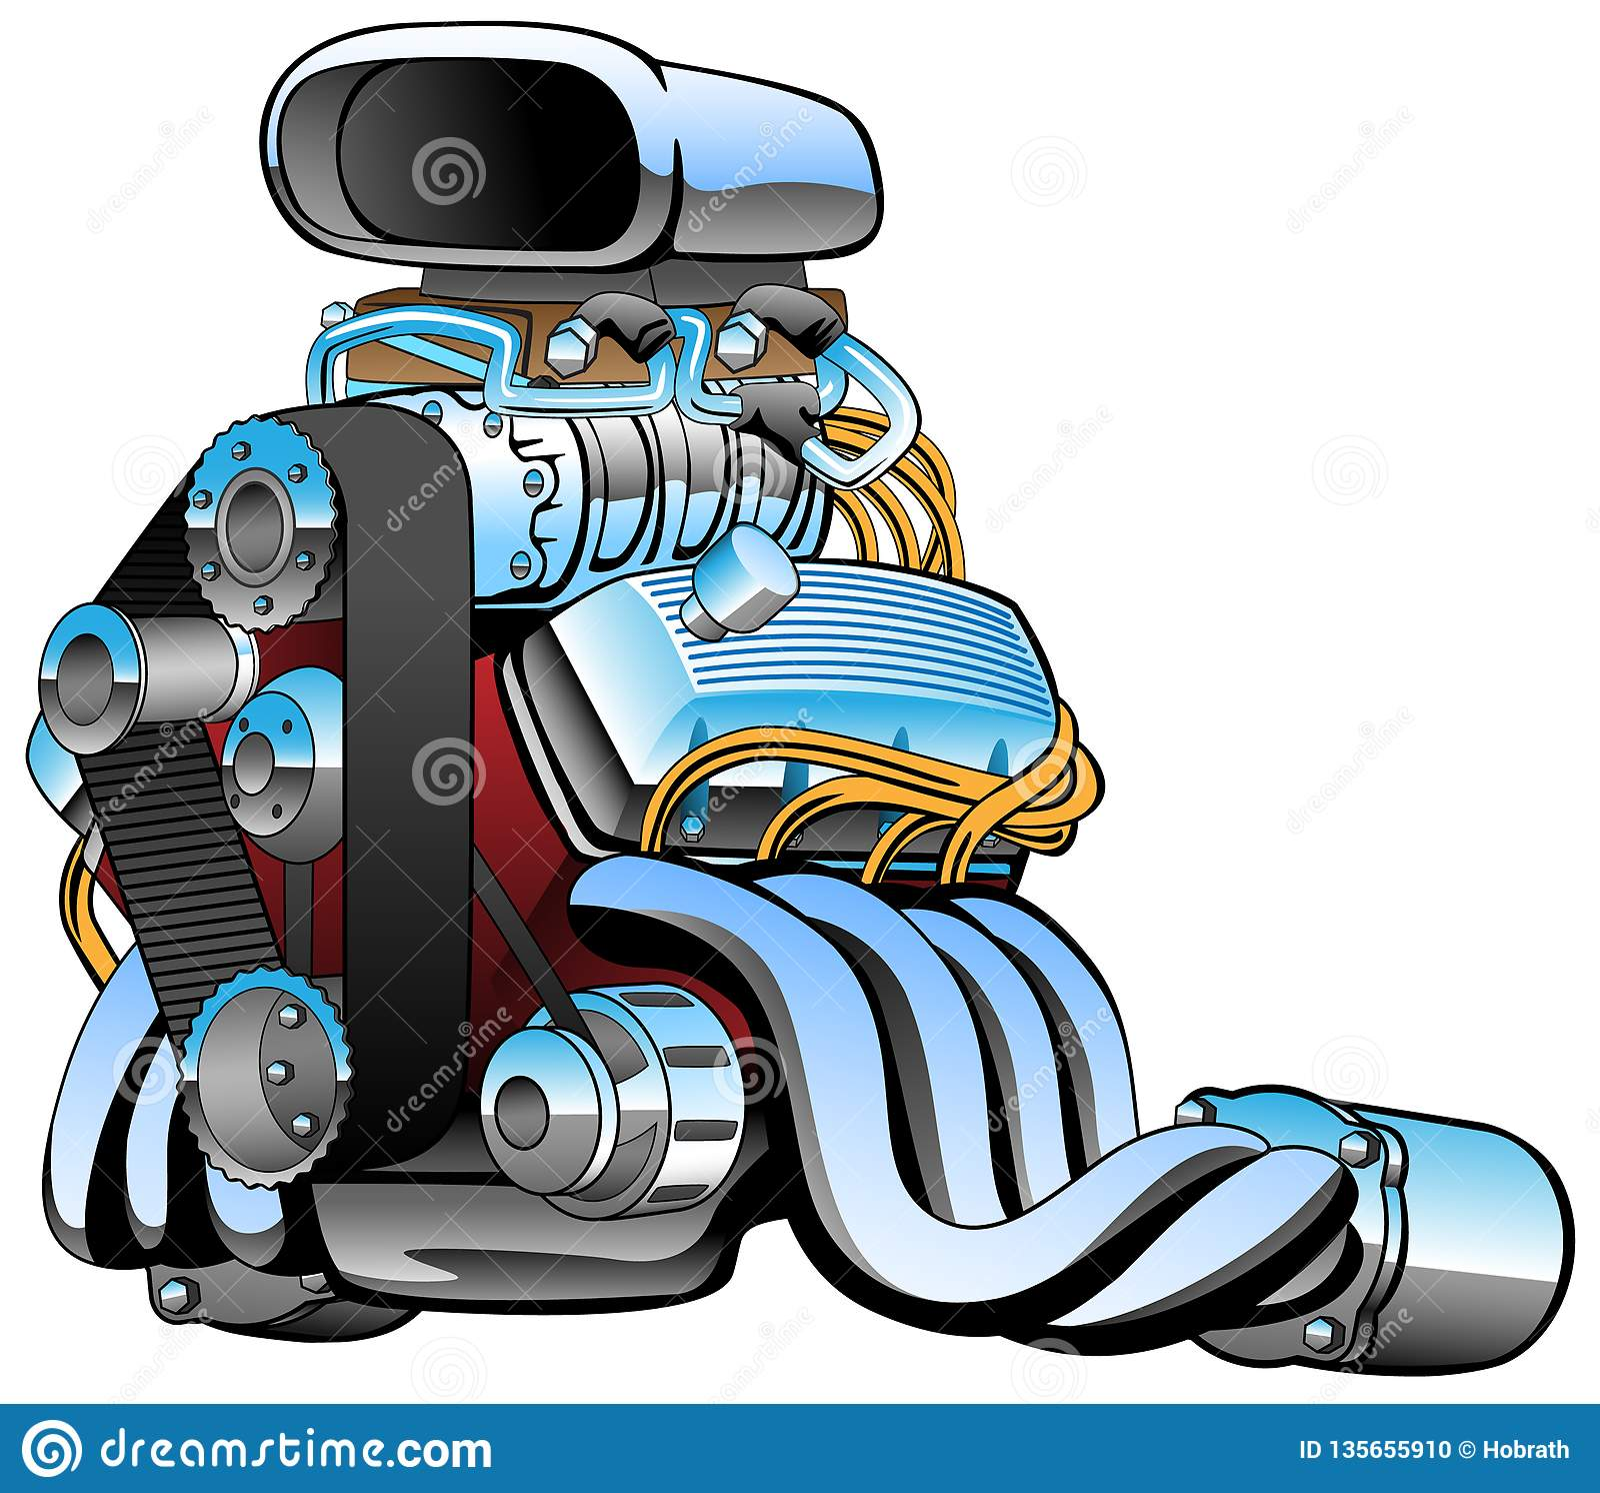 Мультфильм двигателя гоночной машины горячей штанги, серии хрома, огромного входа, жирных выхлопных труб, иллюстрации вектора